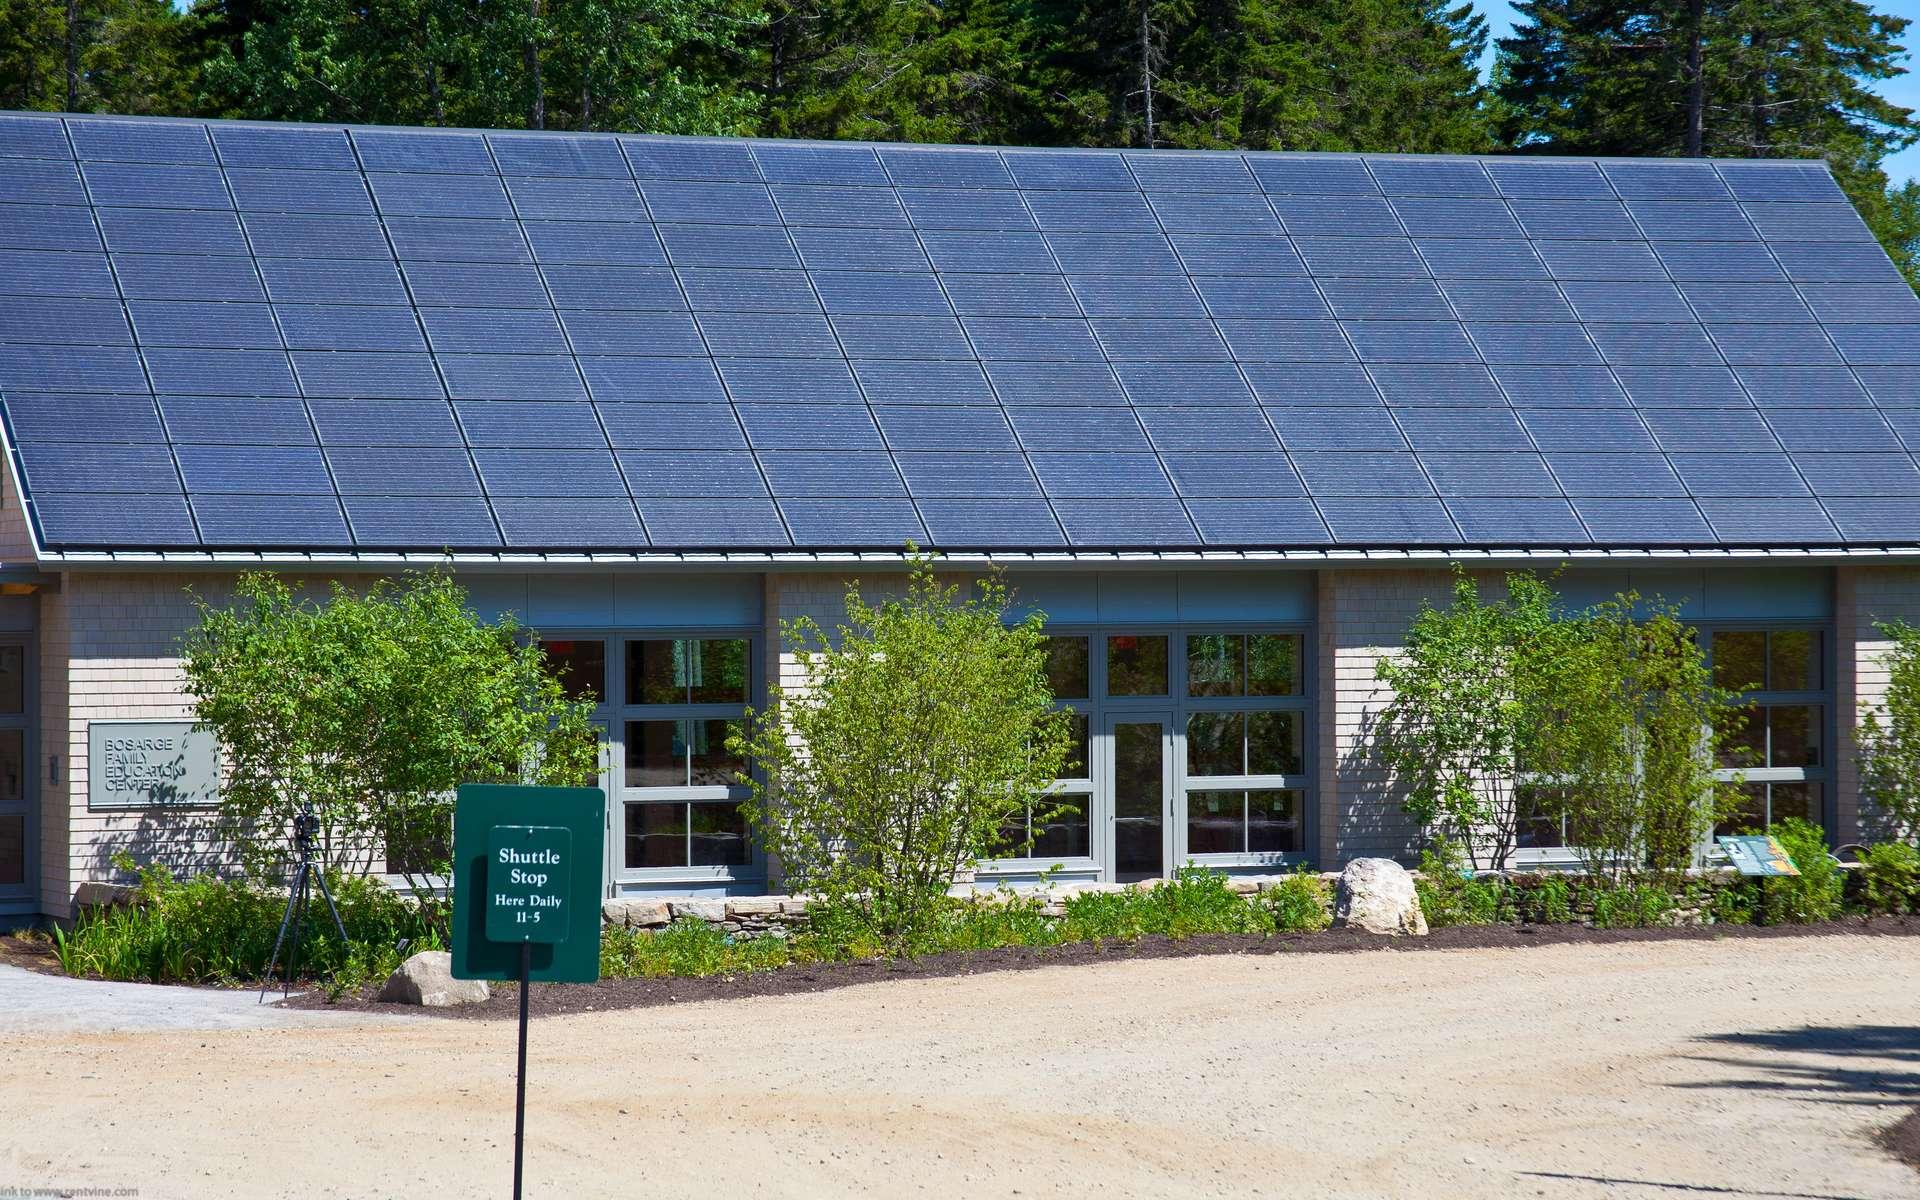 L'un des inconvénients de l'énergie solaire réside dans le fait que pour assurer une production d'énergie suffisante, il est essentiel d'installer une bonne surface de panneaux photovoltaïques. © Dave Dugdale, Flickr, cc by sa 2.0